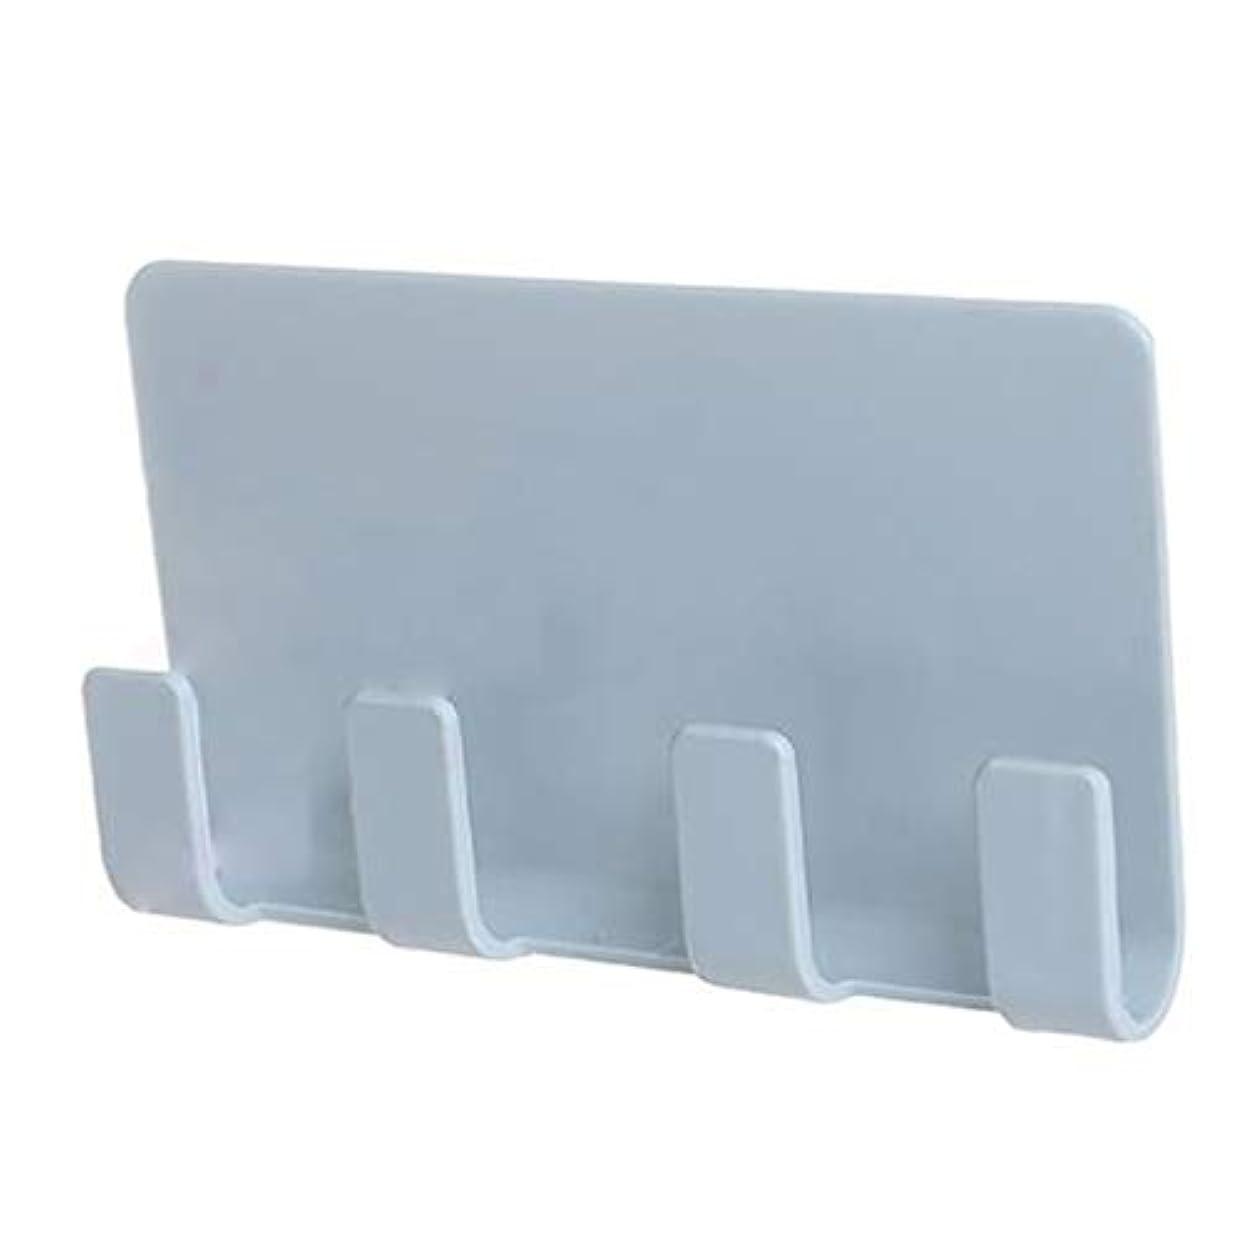 器官議論するボーダー壁はルーム傘ステッカーウォールリビングマルチフレームをハンギングステッカー歯ブラシホルダー歯磨き粉をマウント